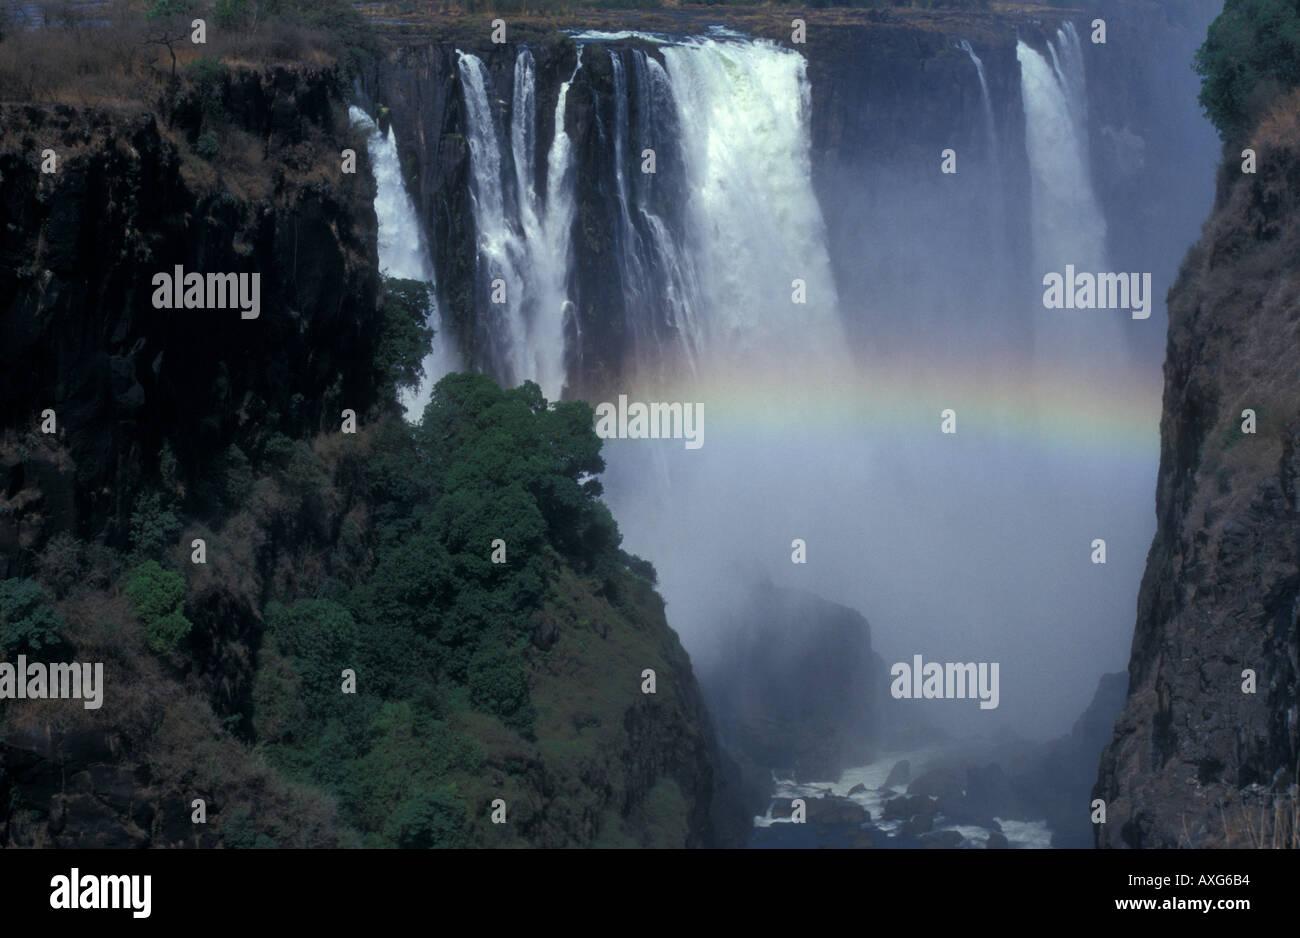 Victoria Falls Vic Falls Zimbabwe Zambia Africa Waterfalls